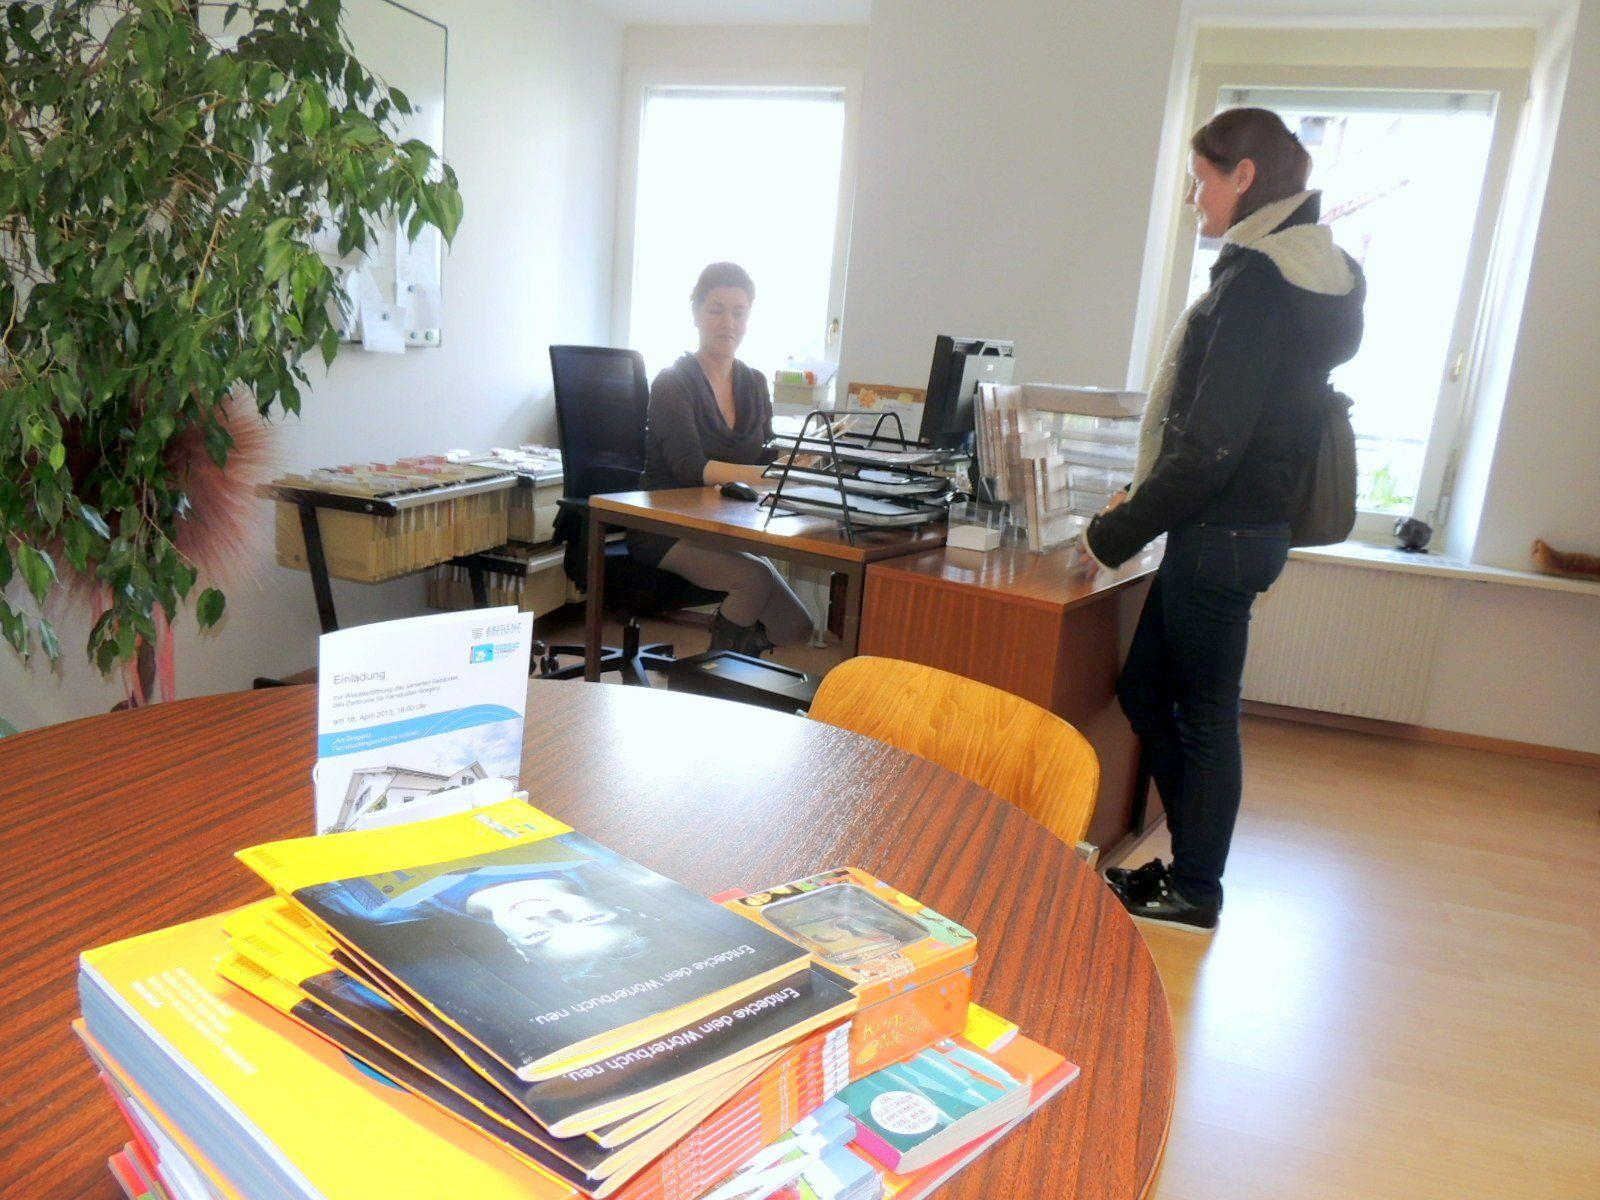 Wohnliches Ambiente in neuen Büros